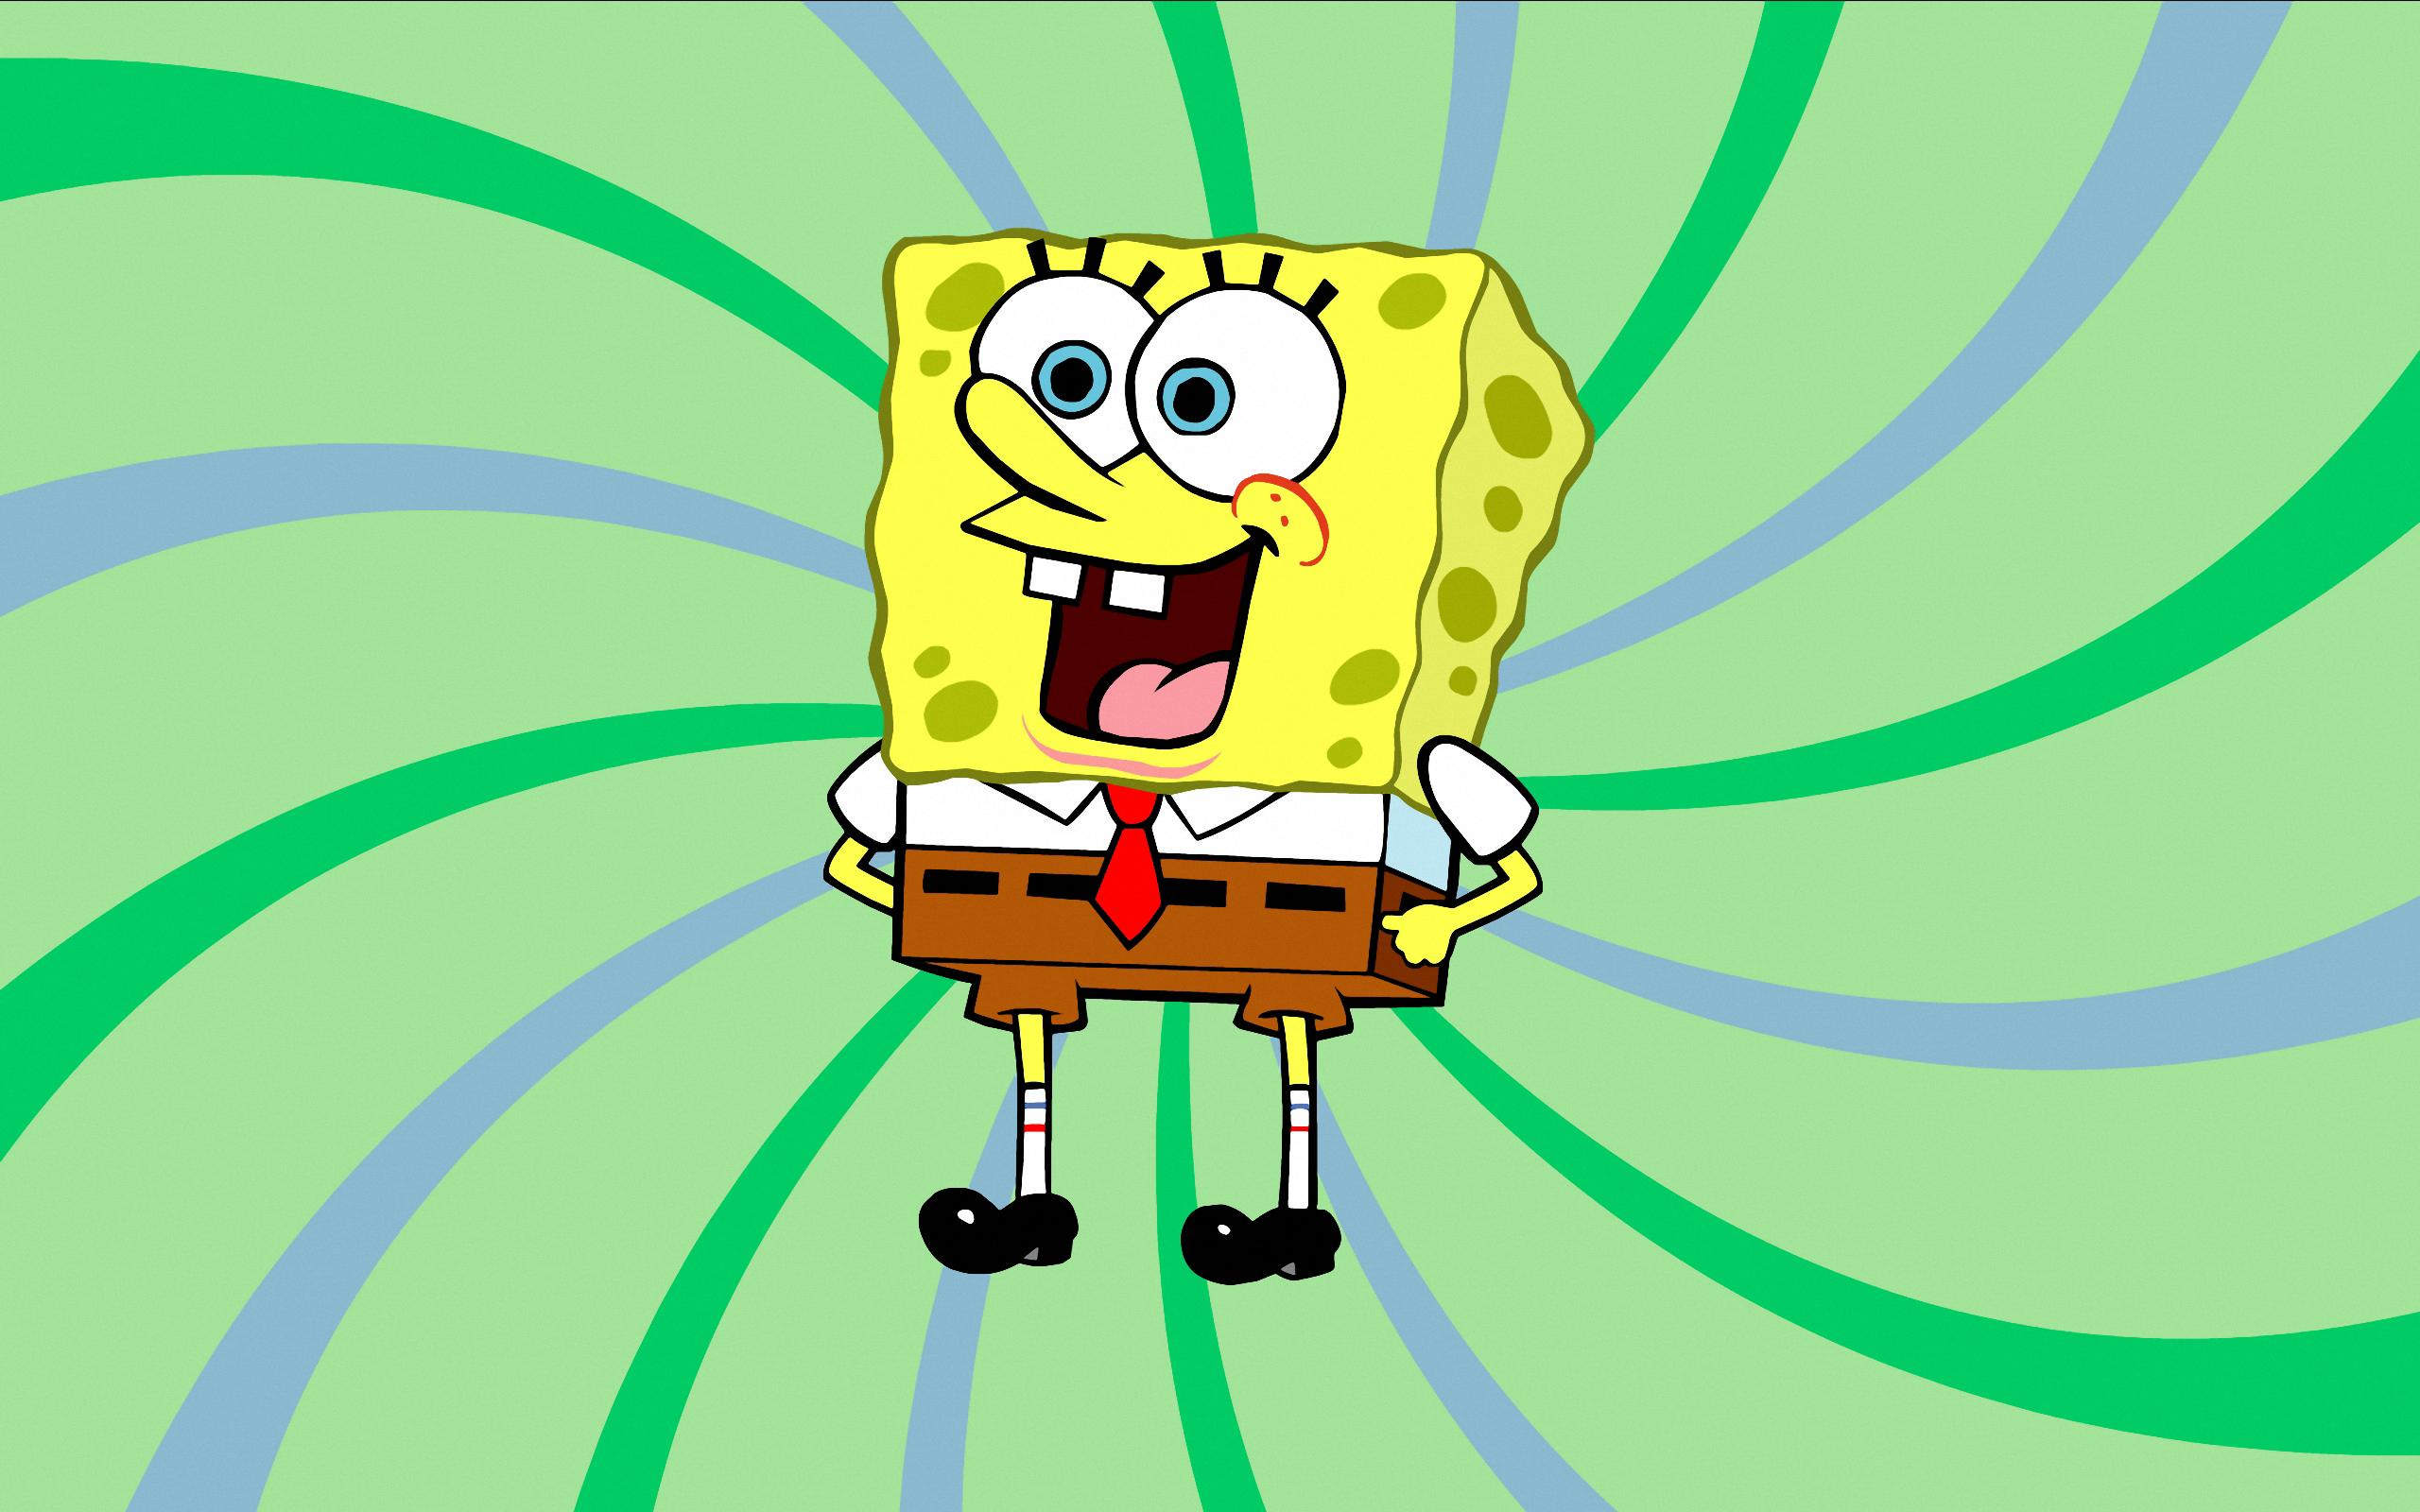 Губка боб квадратные штаны картинки (10 фото) скачать обои.